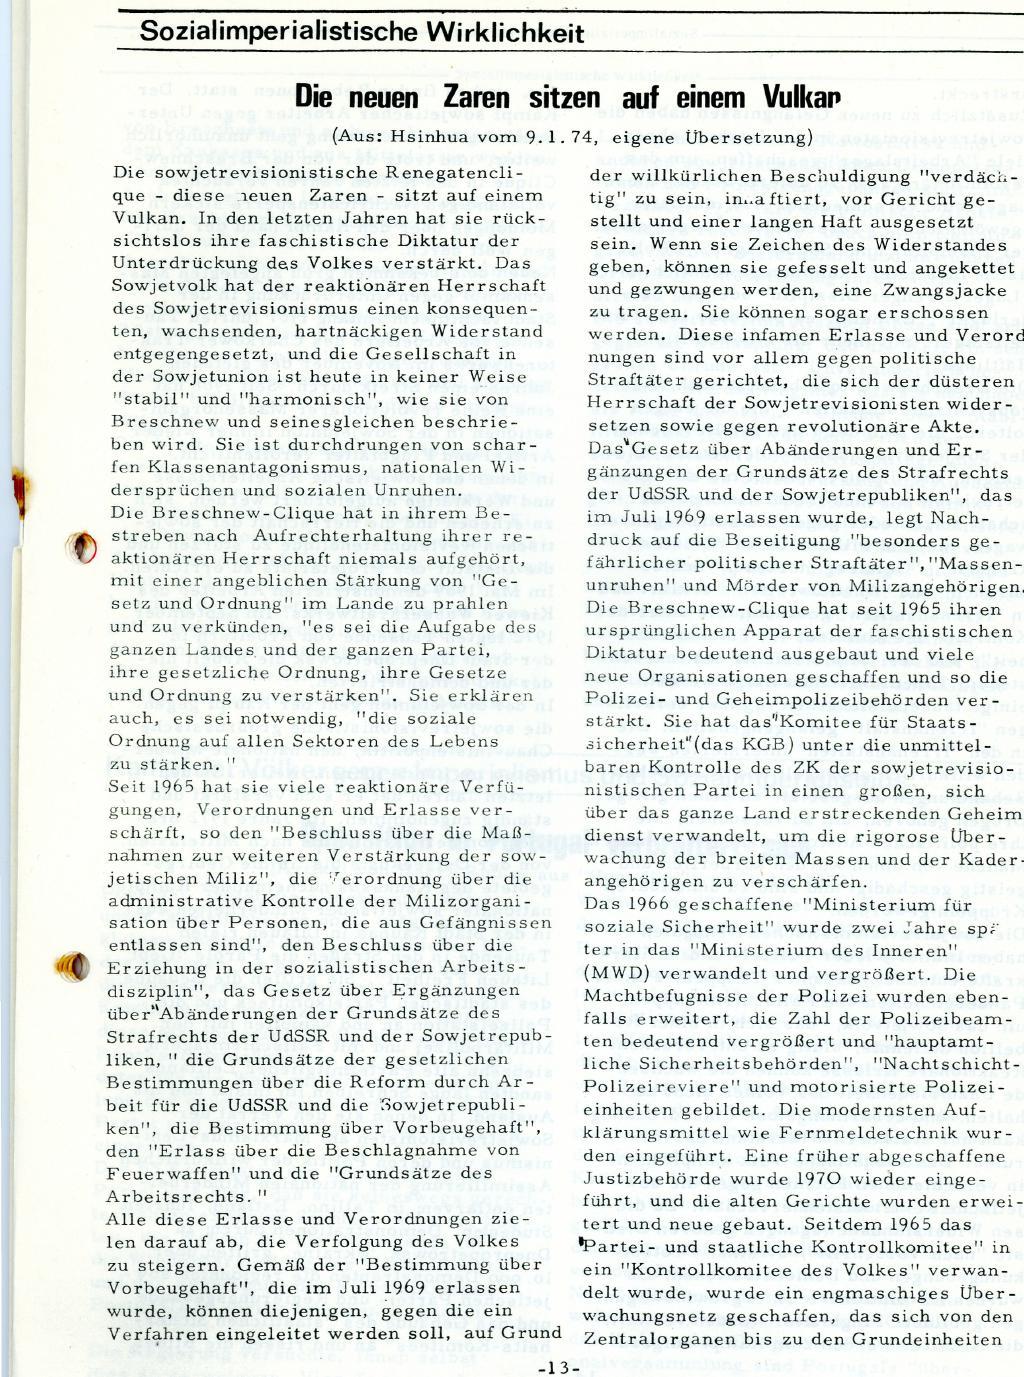 RPK_1974_03_13